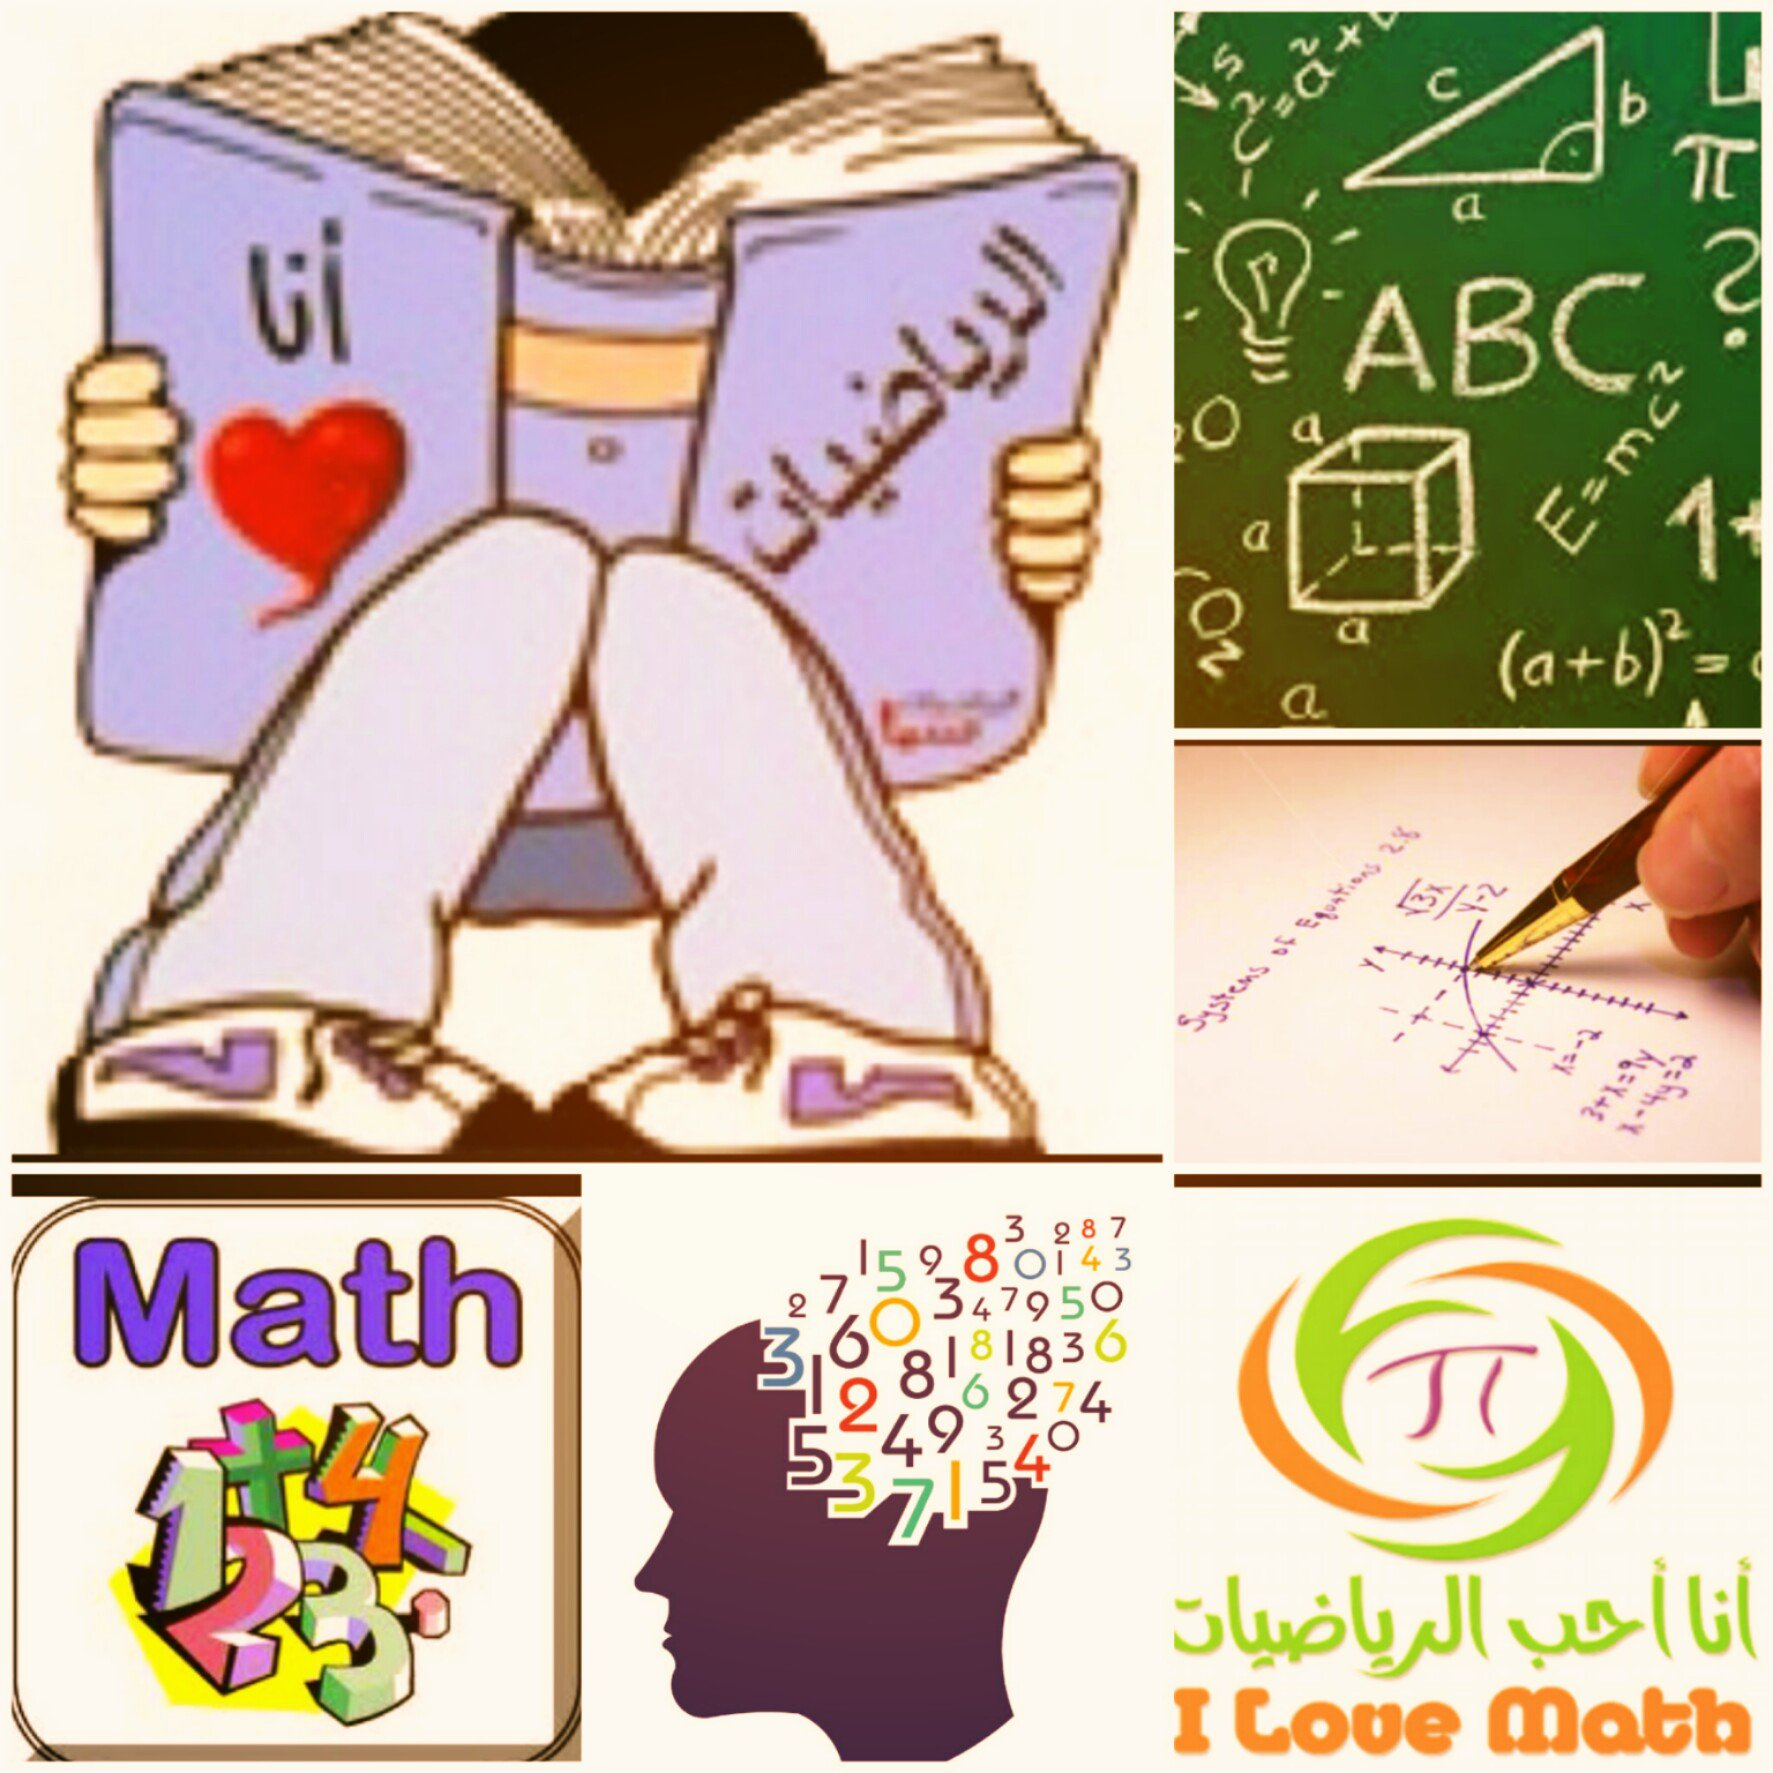 الابتدائية٣بالدرعية On Twitter نداء إلى مبدعات ب 3 إلى محبي الرياضيات من لديهافكرةابداعية في الرياضيات فلتقدمهاغدا بإذن الله لمعلمة الرياضيات نأمل المبادرة كما عهدناكم Https T Co F1rgxk3qxu